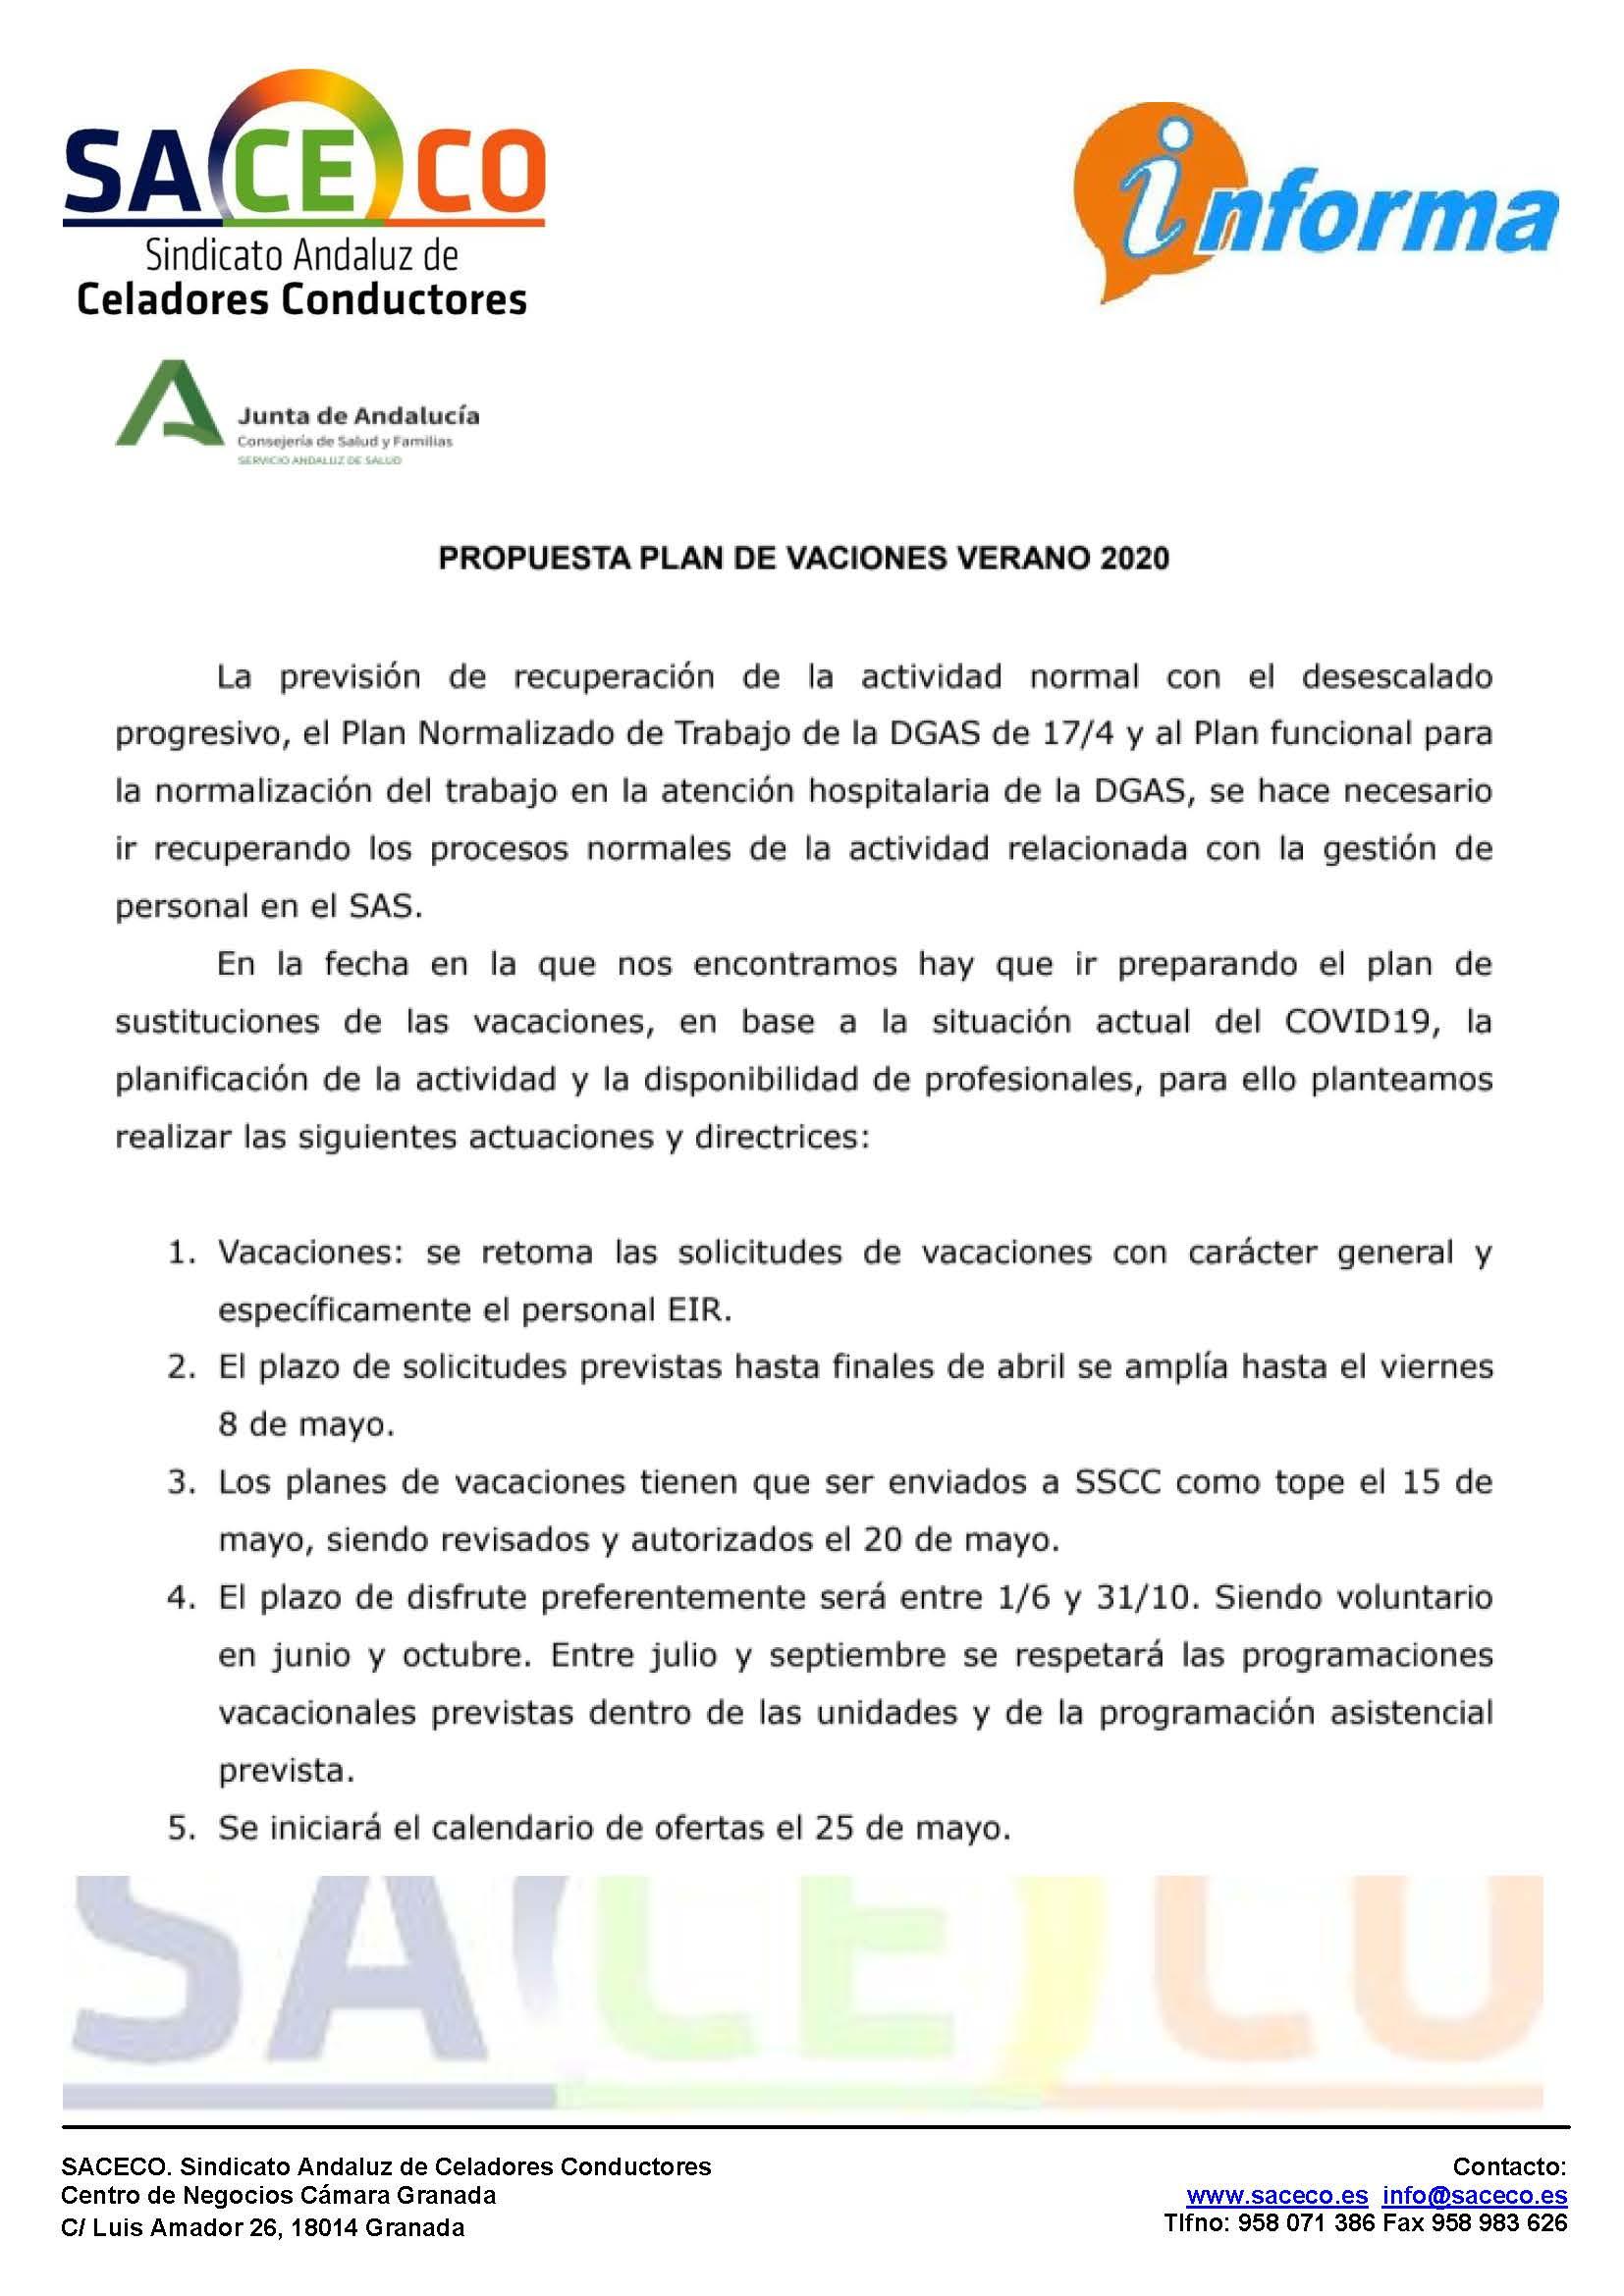 PROPUESTA PLAN VACACIONES VERANO 2020_Página_1